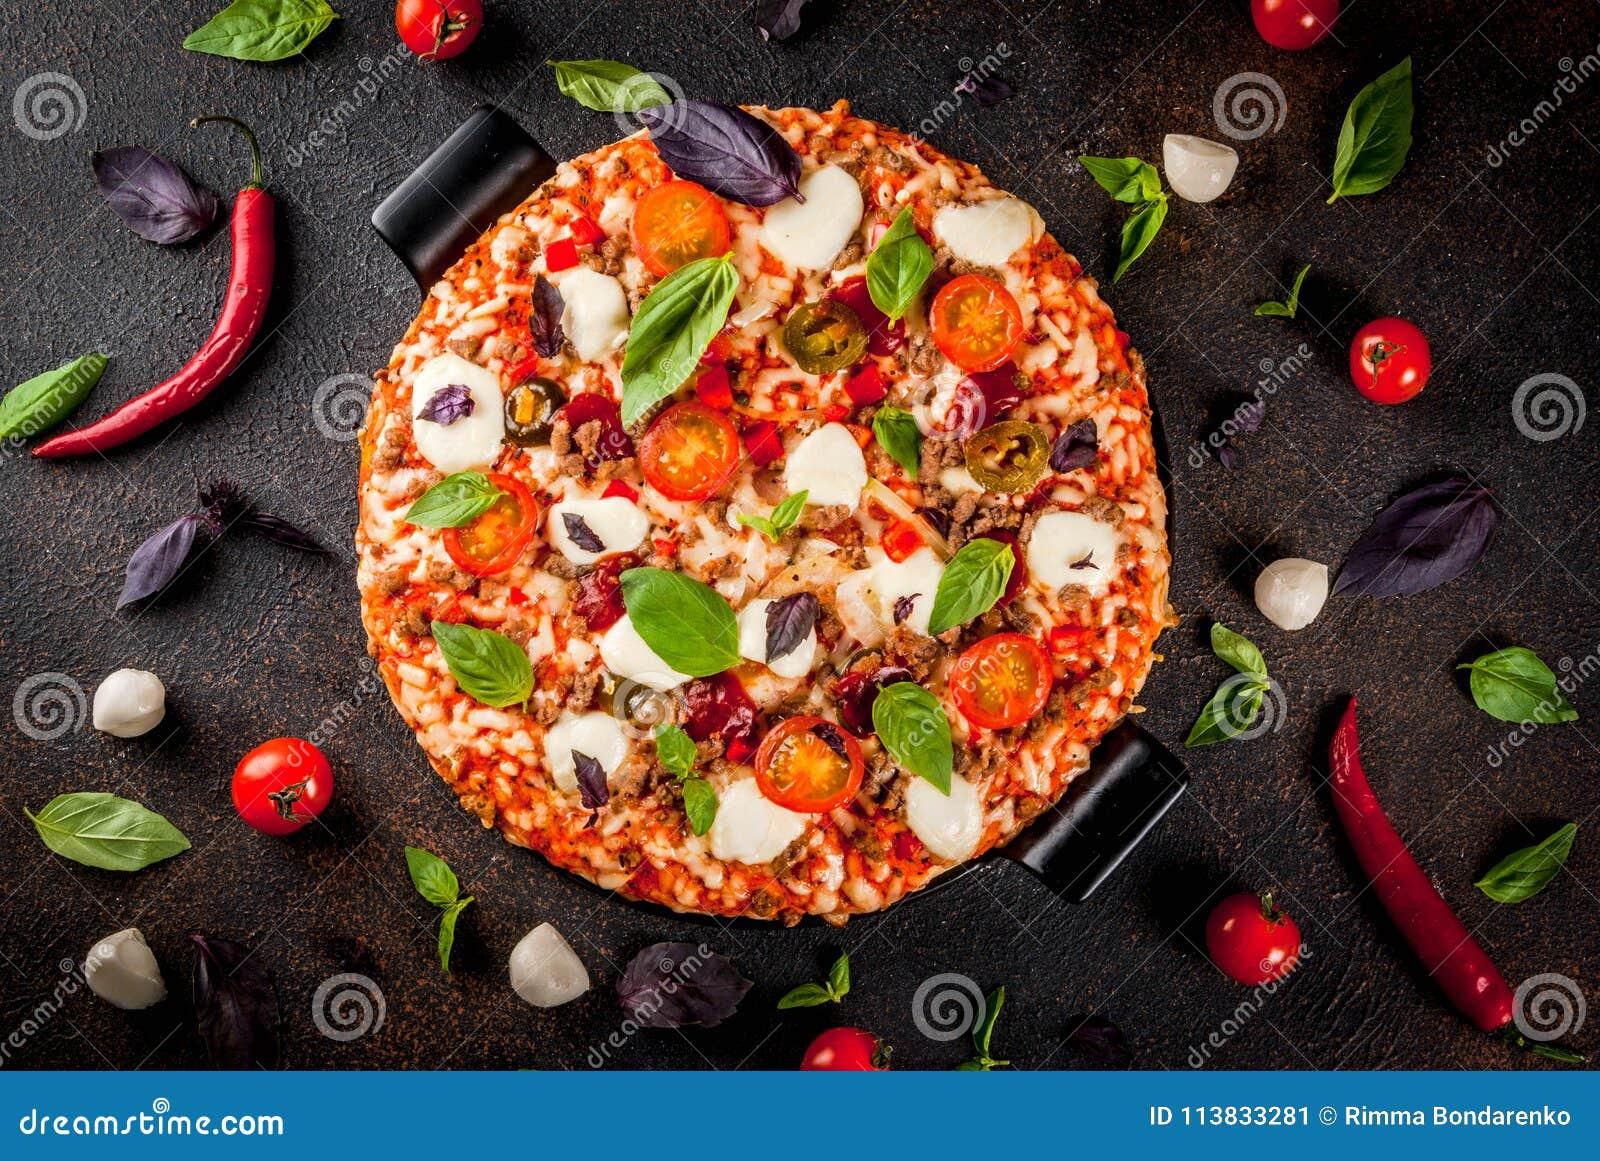 Italiaanse pizza met ingrediënten